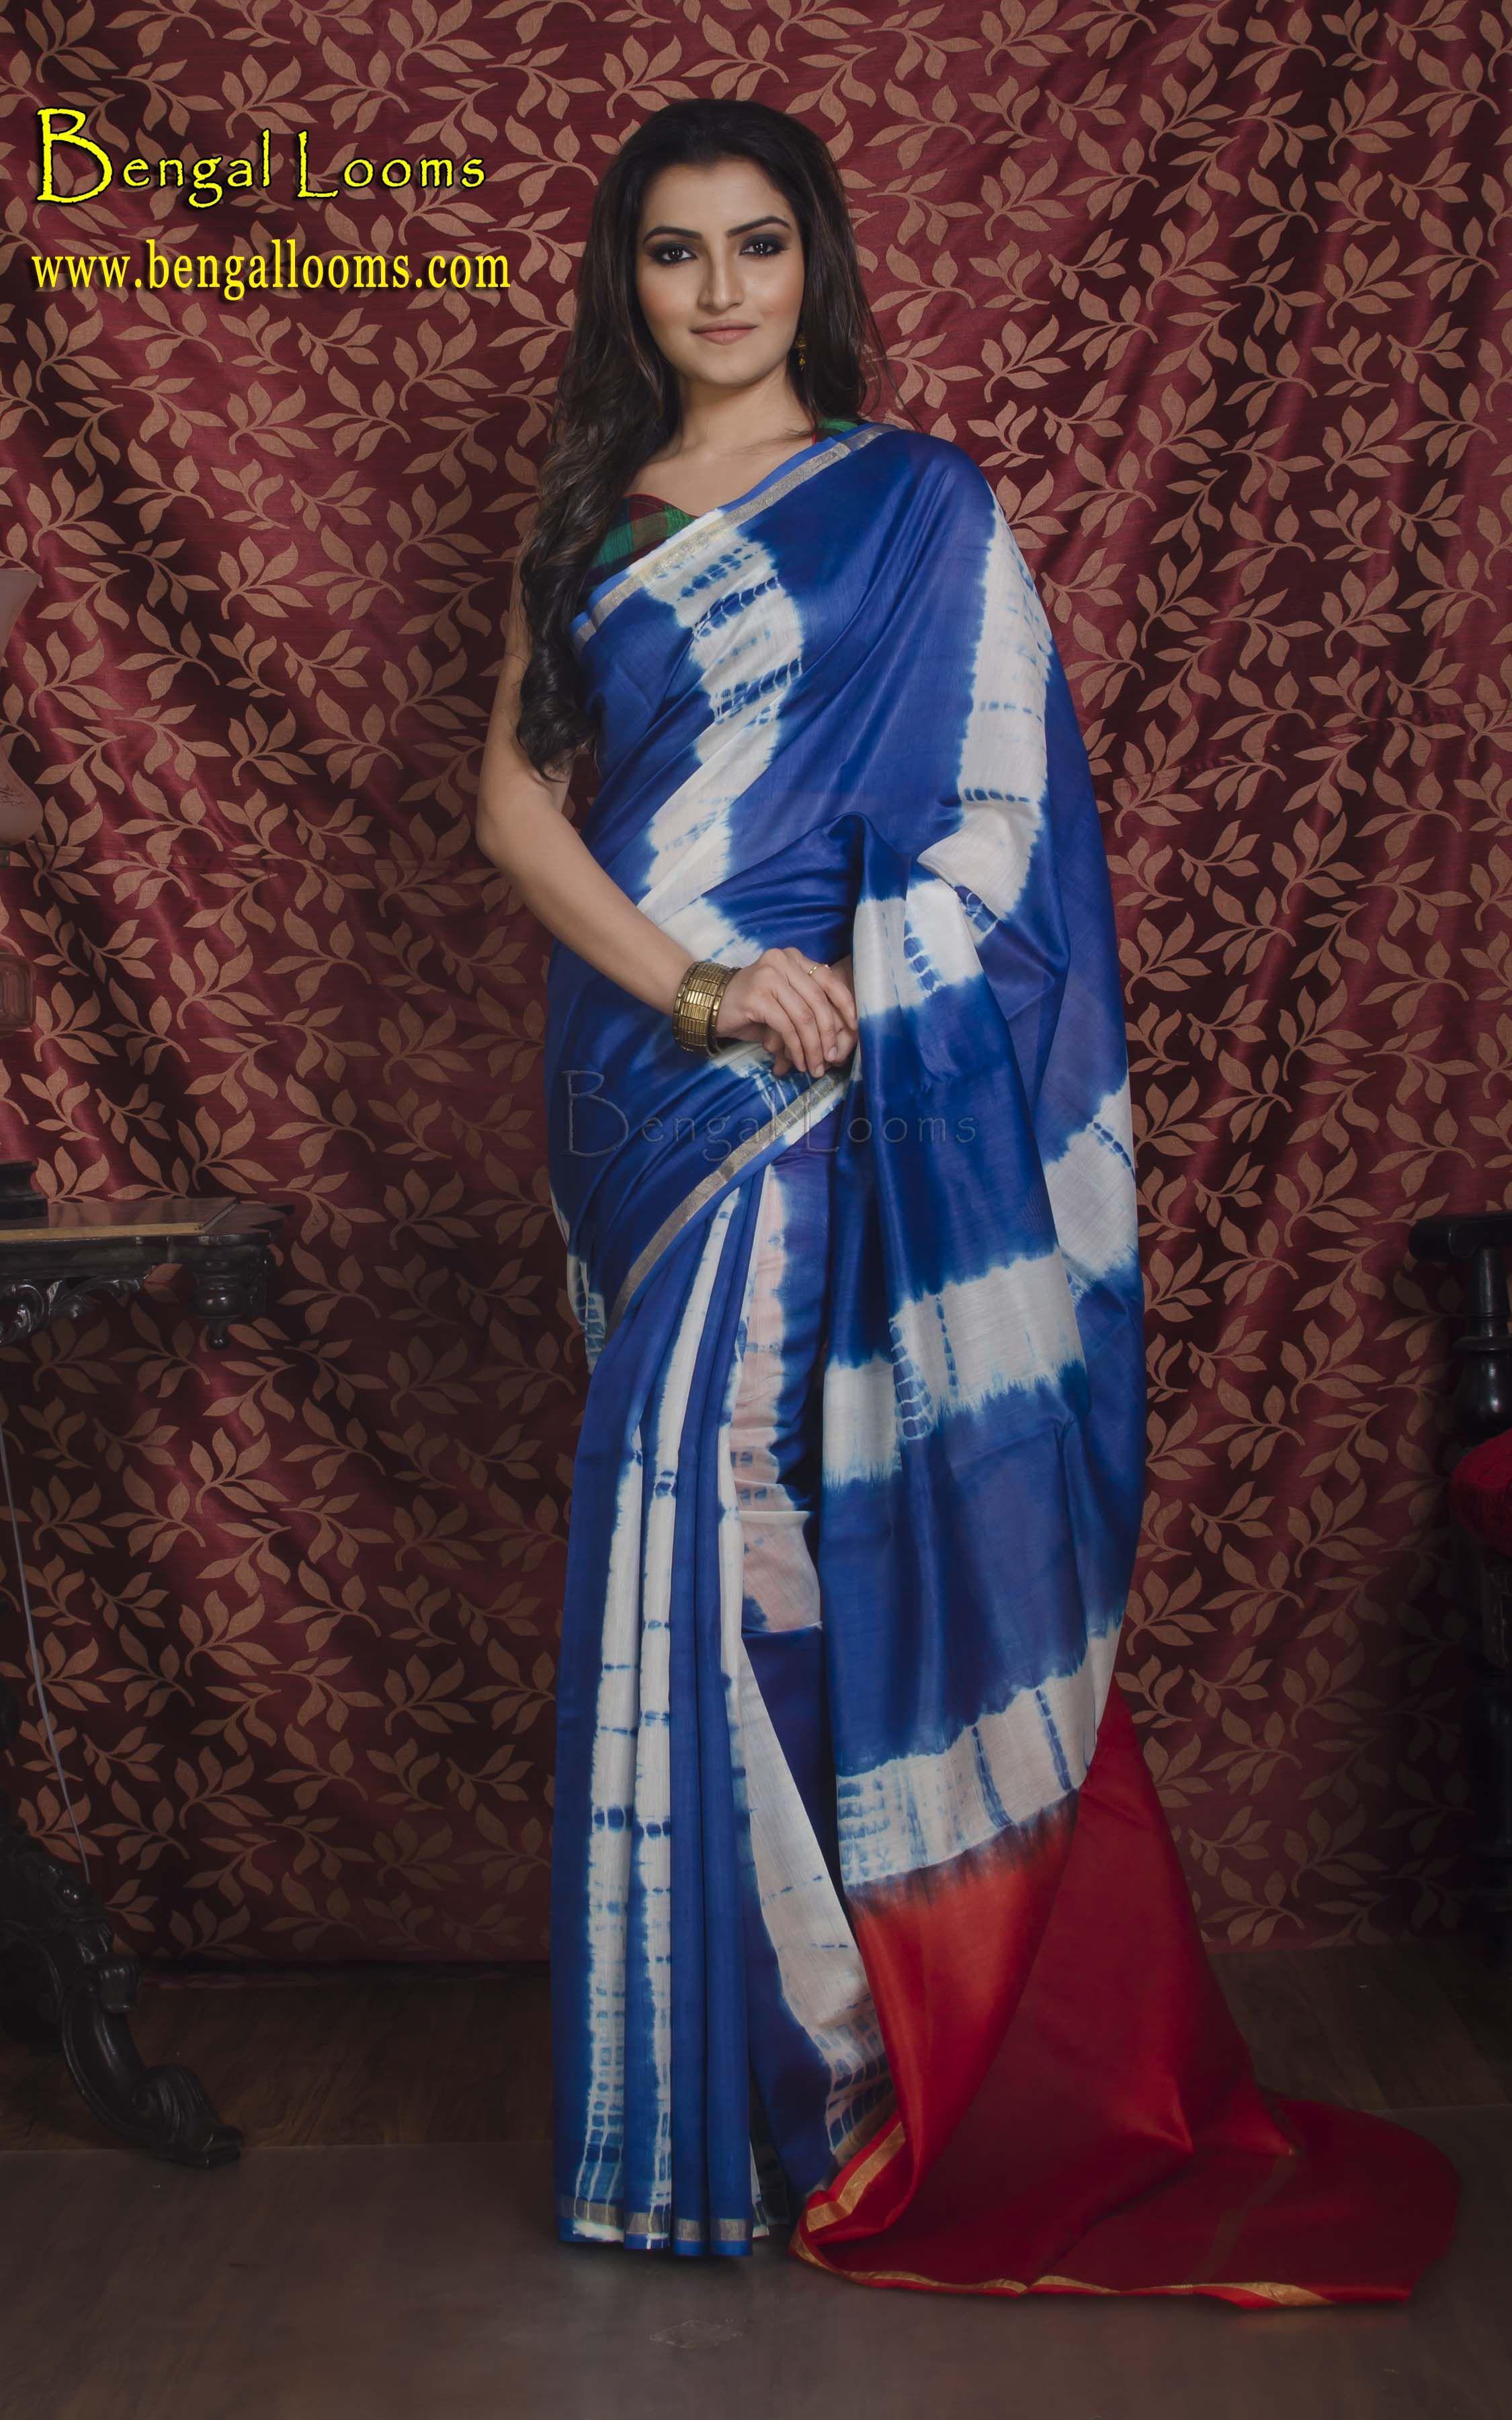 Pin by Bengal Looms on Chanderi Saree Saree, Indian